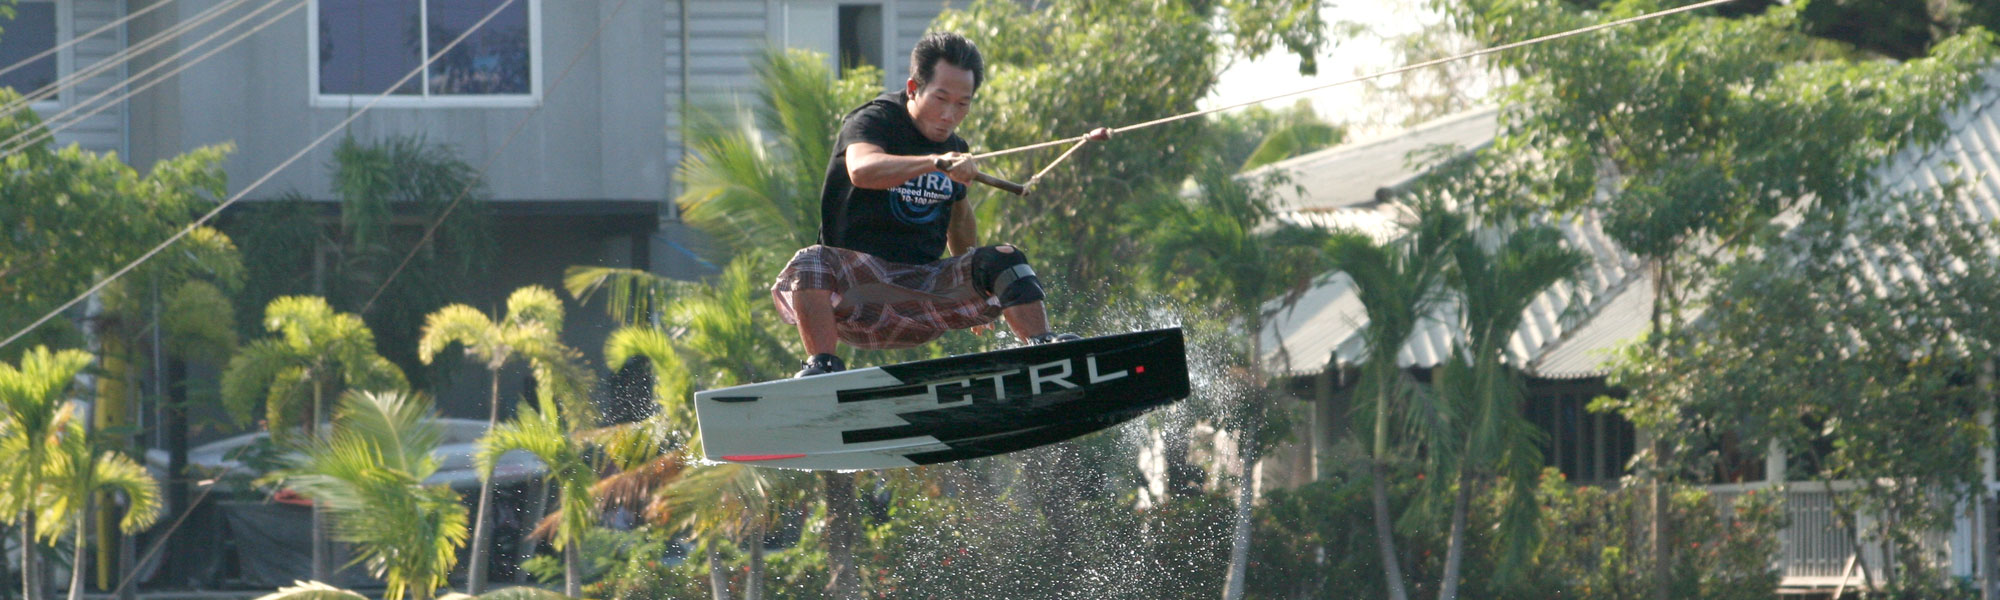 wakeboarding-bangkok